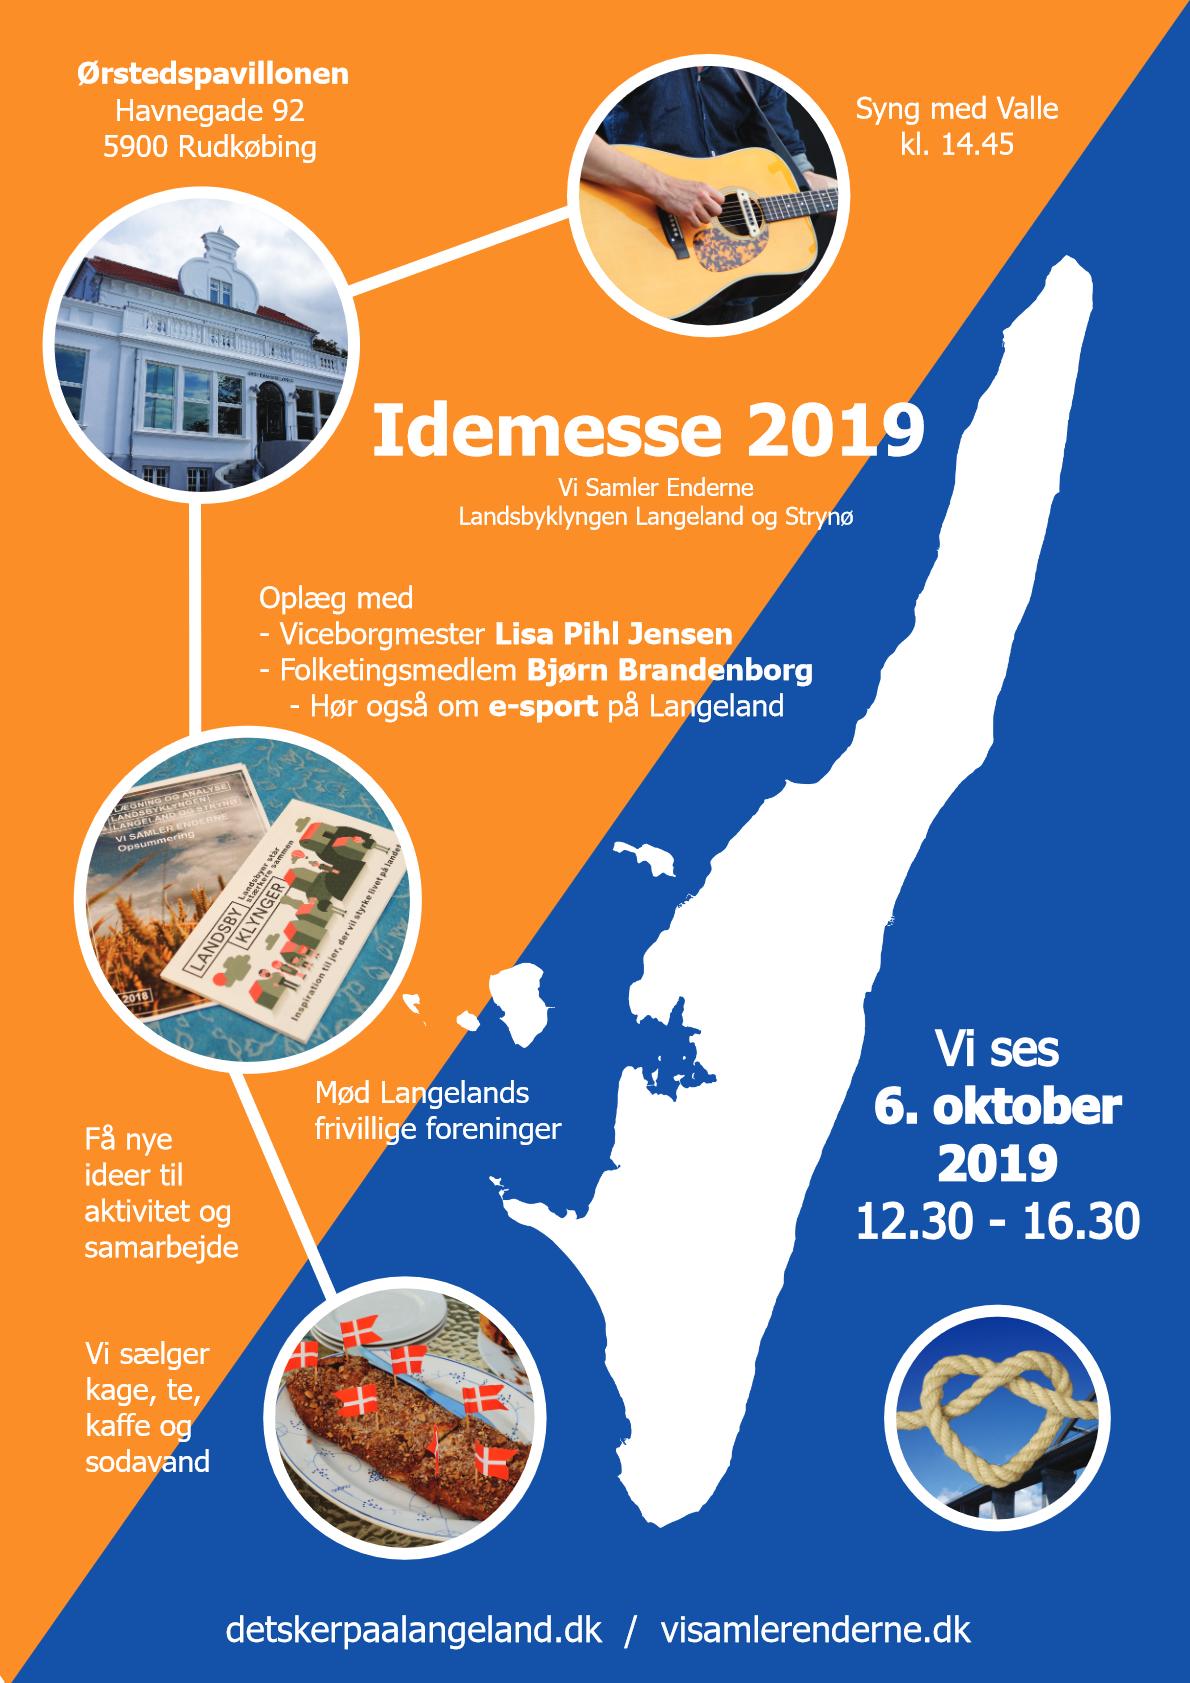 idemesse2019-plakat-pdf-image